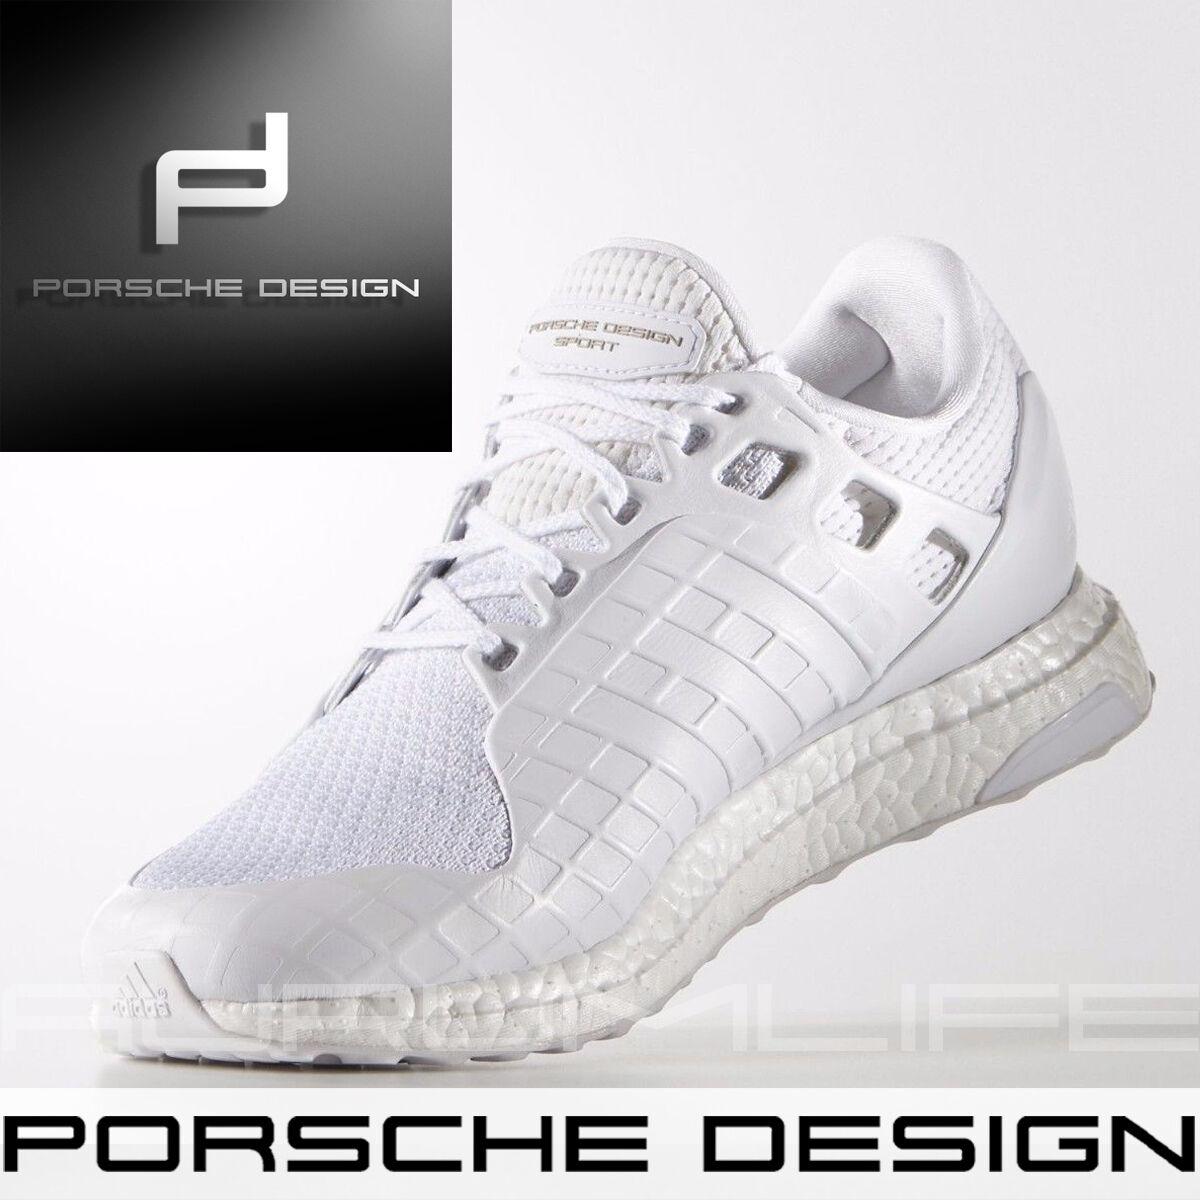 8e77586b Adidas Porsche Zapatos Ultra Boost para hombre Sport blanco Talla BB0682  Nuevo Diseño nomdug267-Zapatillas deportivas